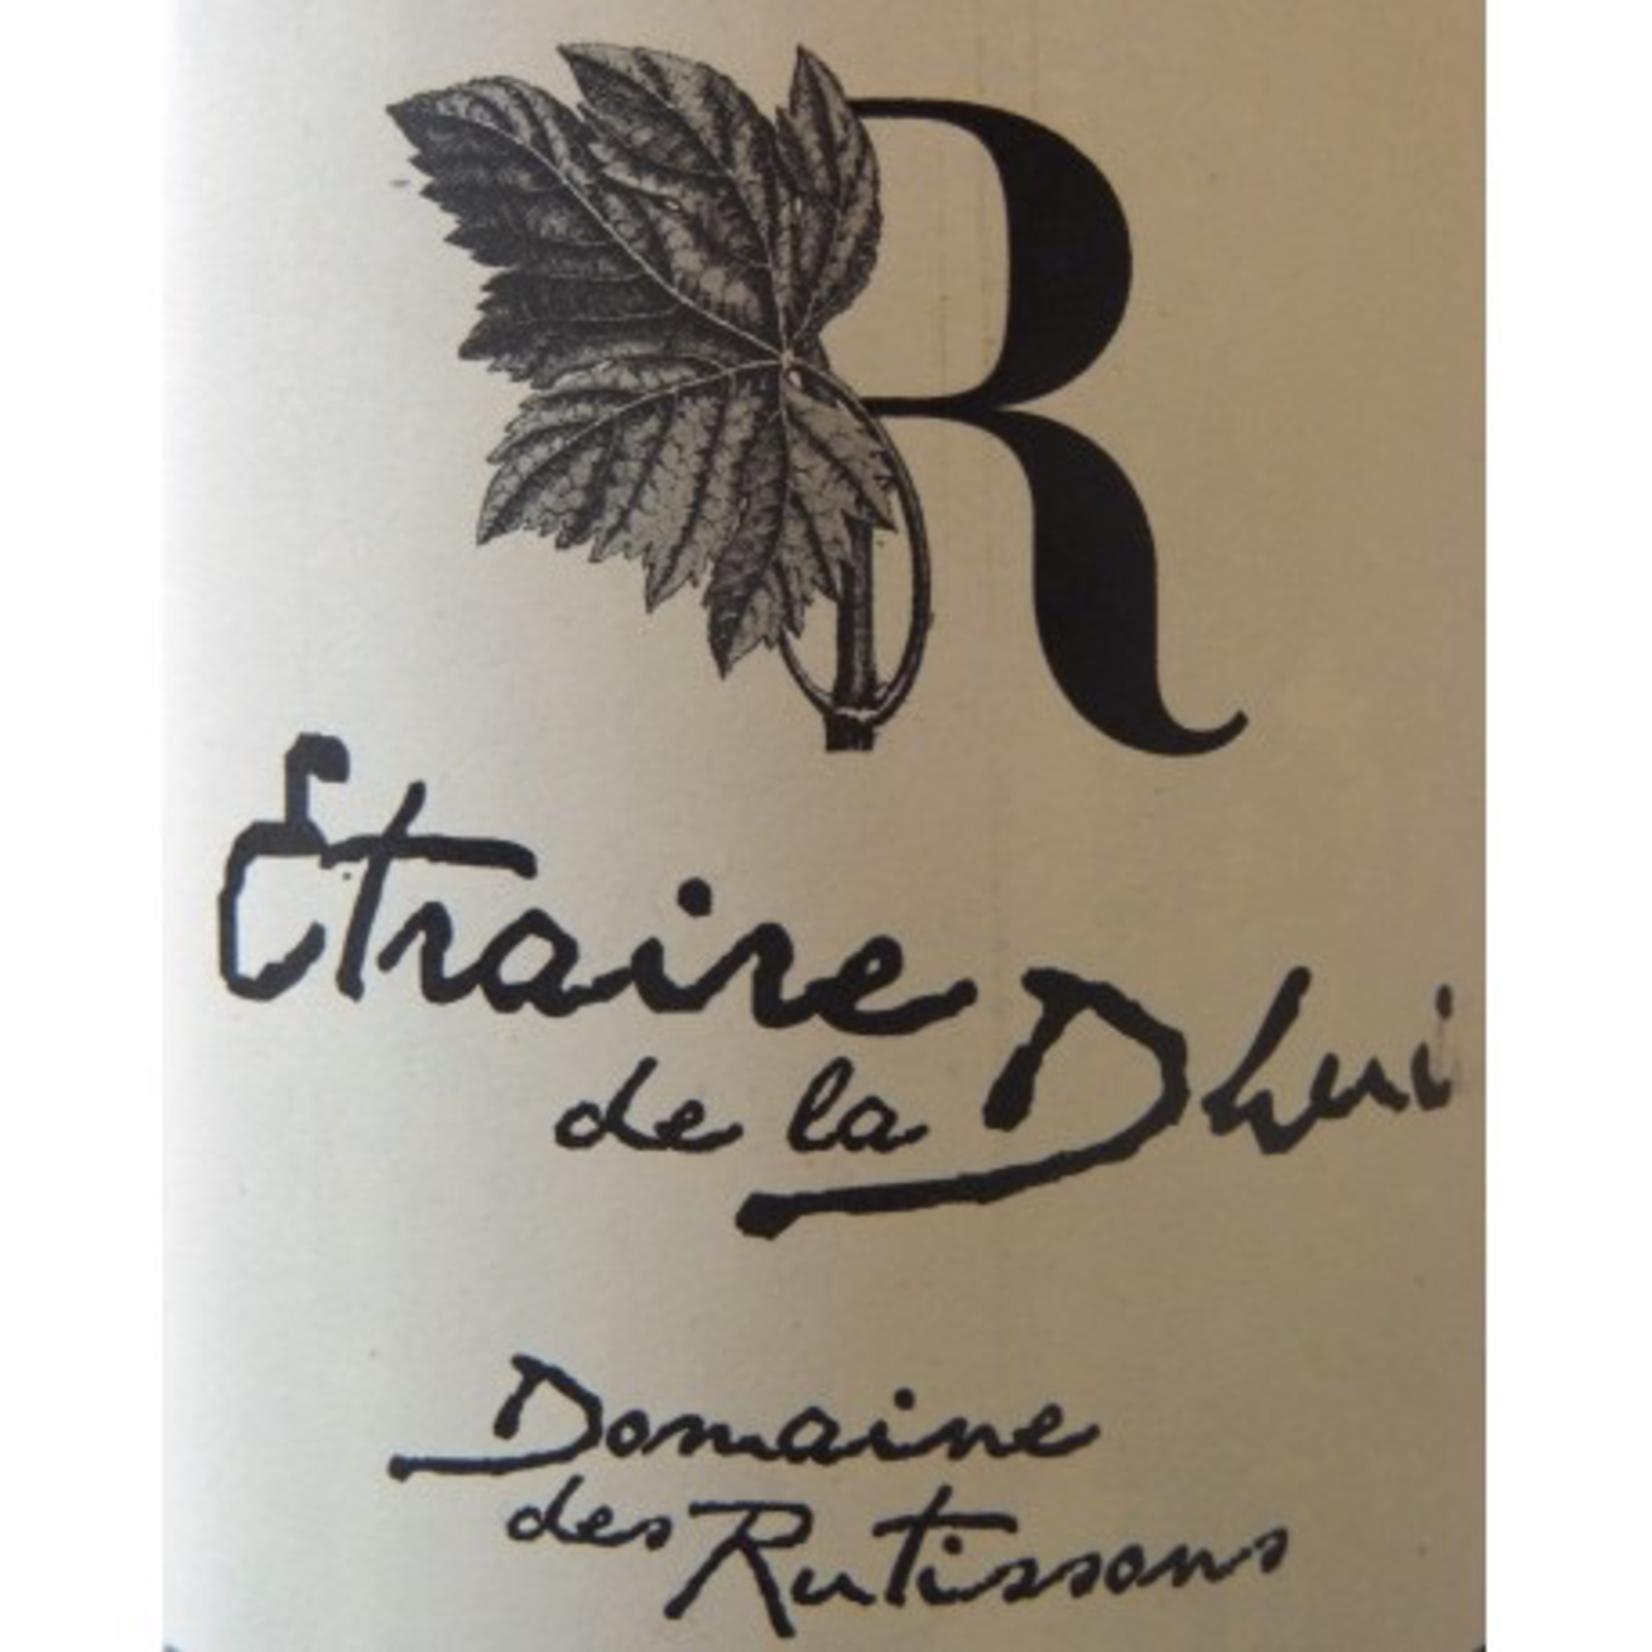 Wine Domaine des Rutissons Isere Coteaux du Gresivaudan Etraire de la Dhuy 2019